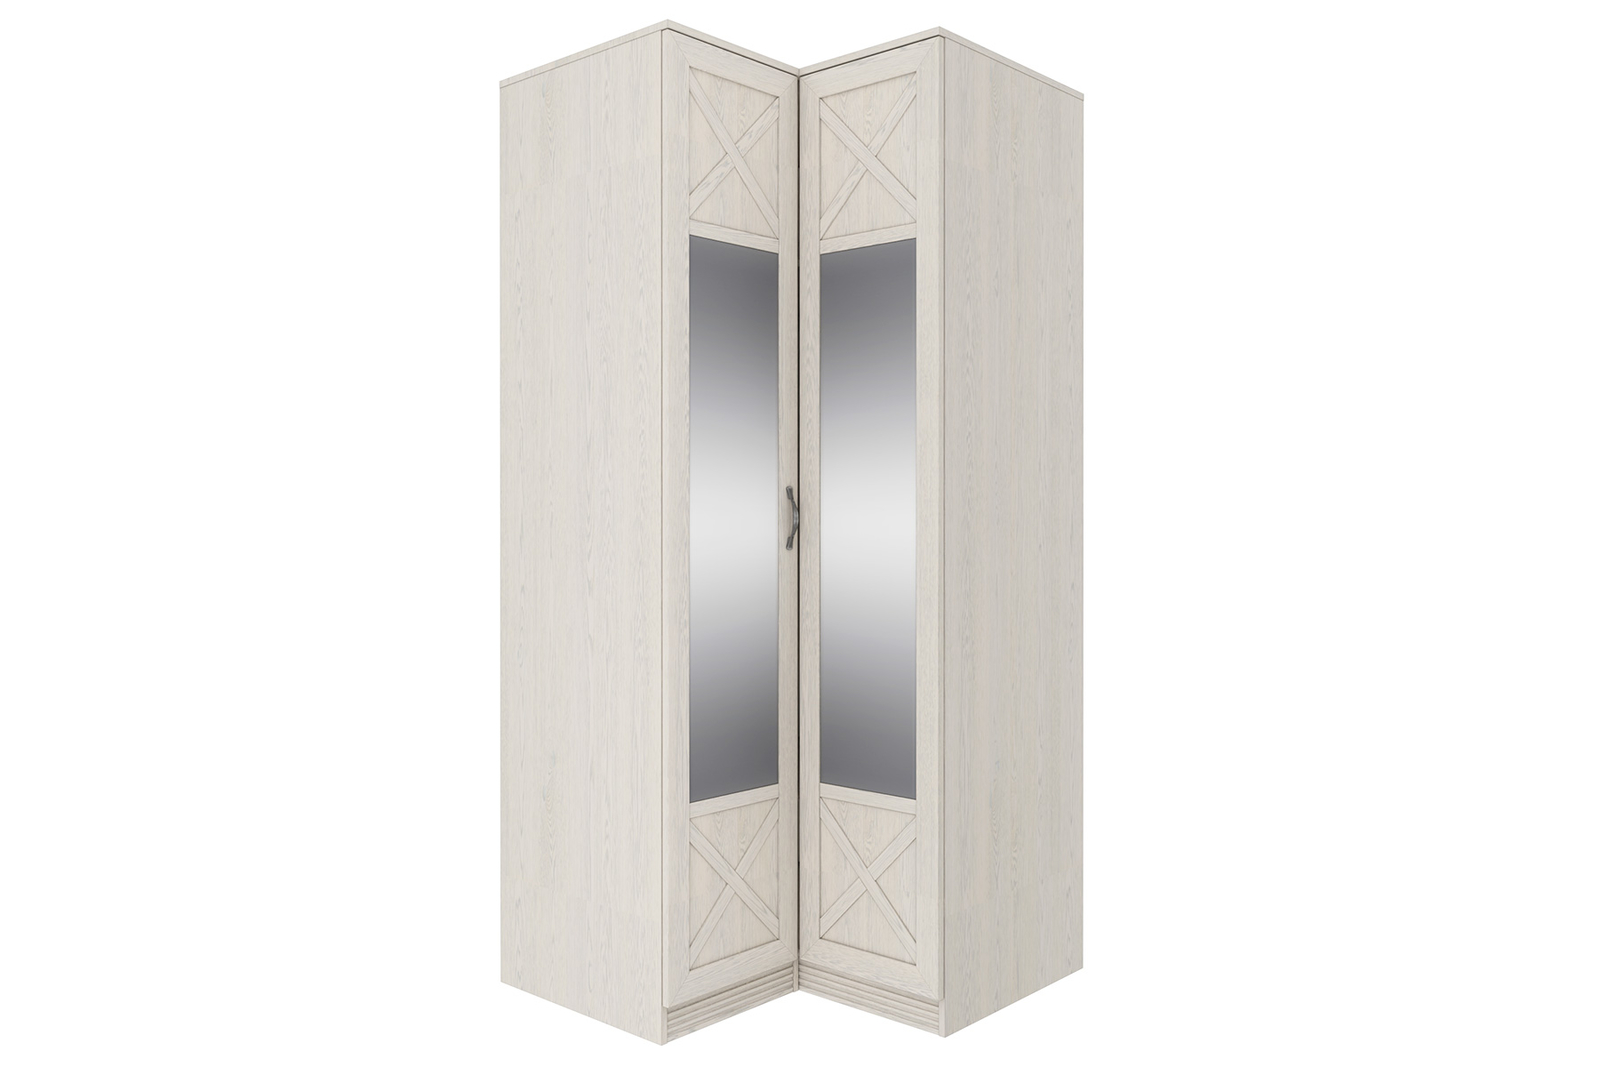 Шкаф распашной угловой Крит универсальный угол (дуб белый/зеркало)